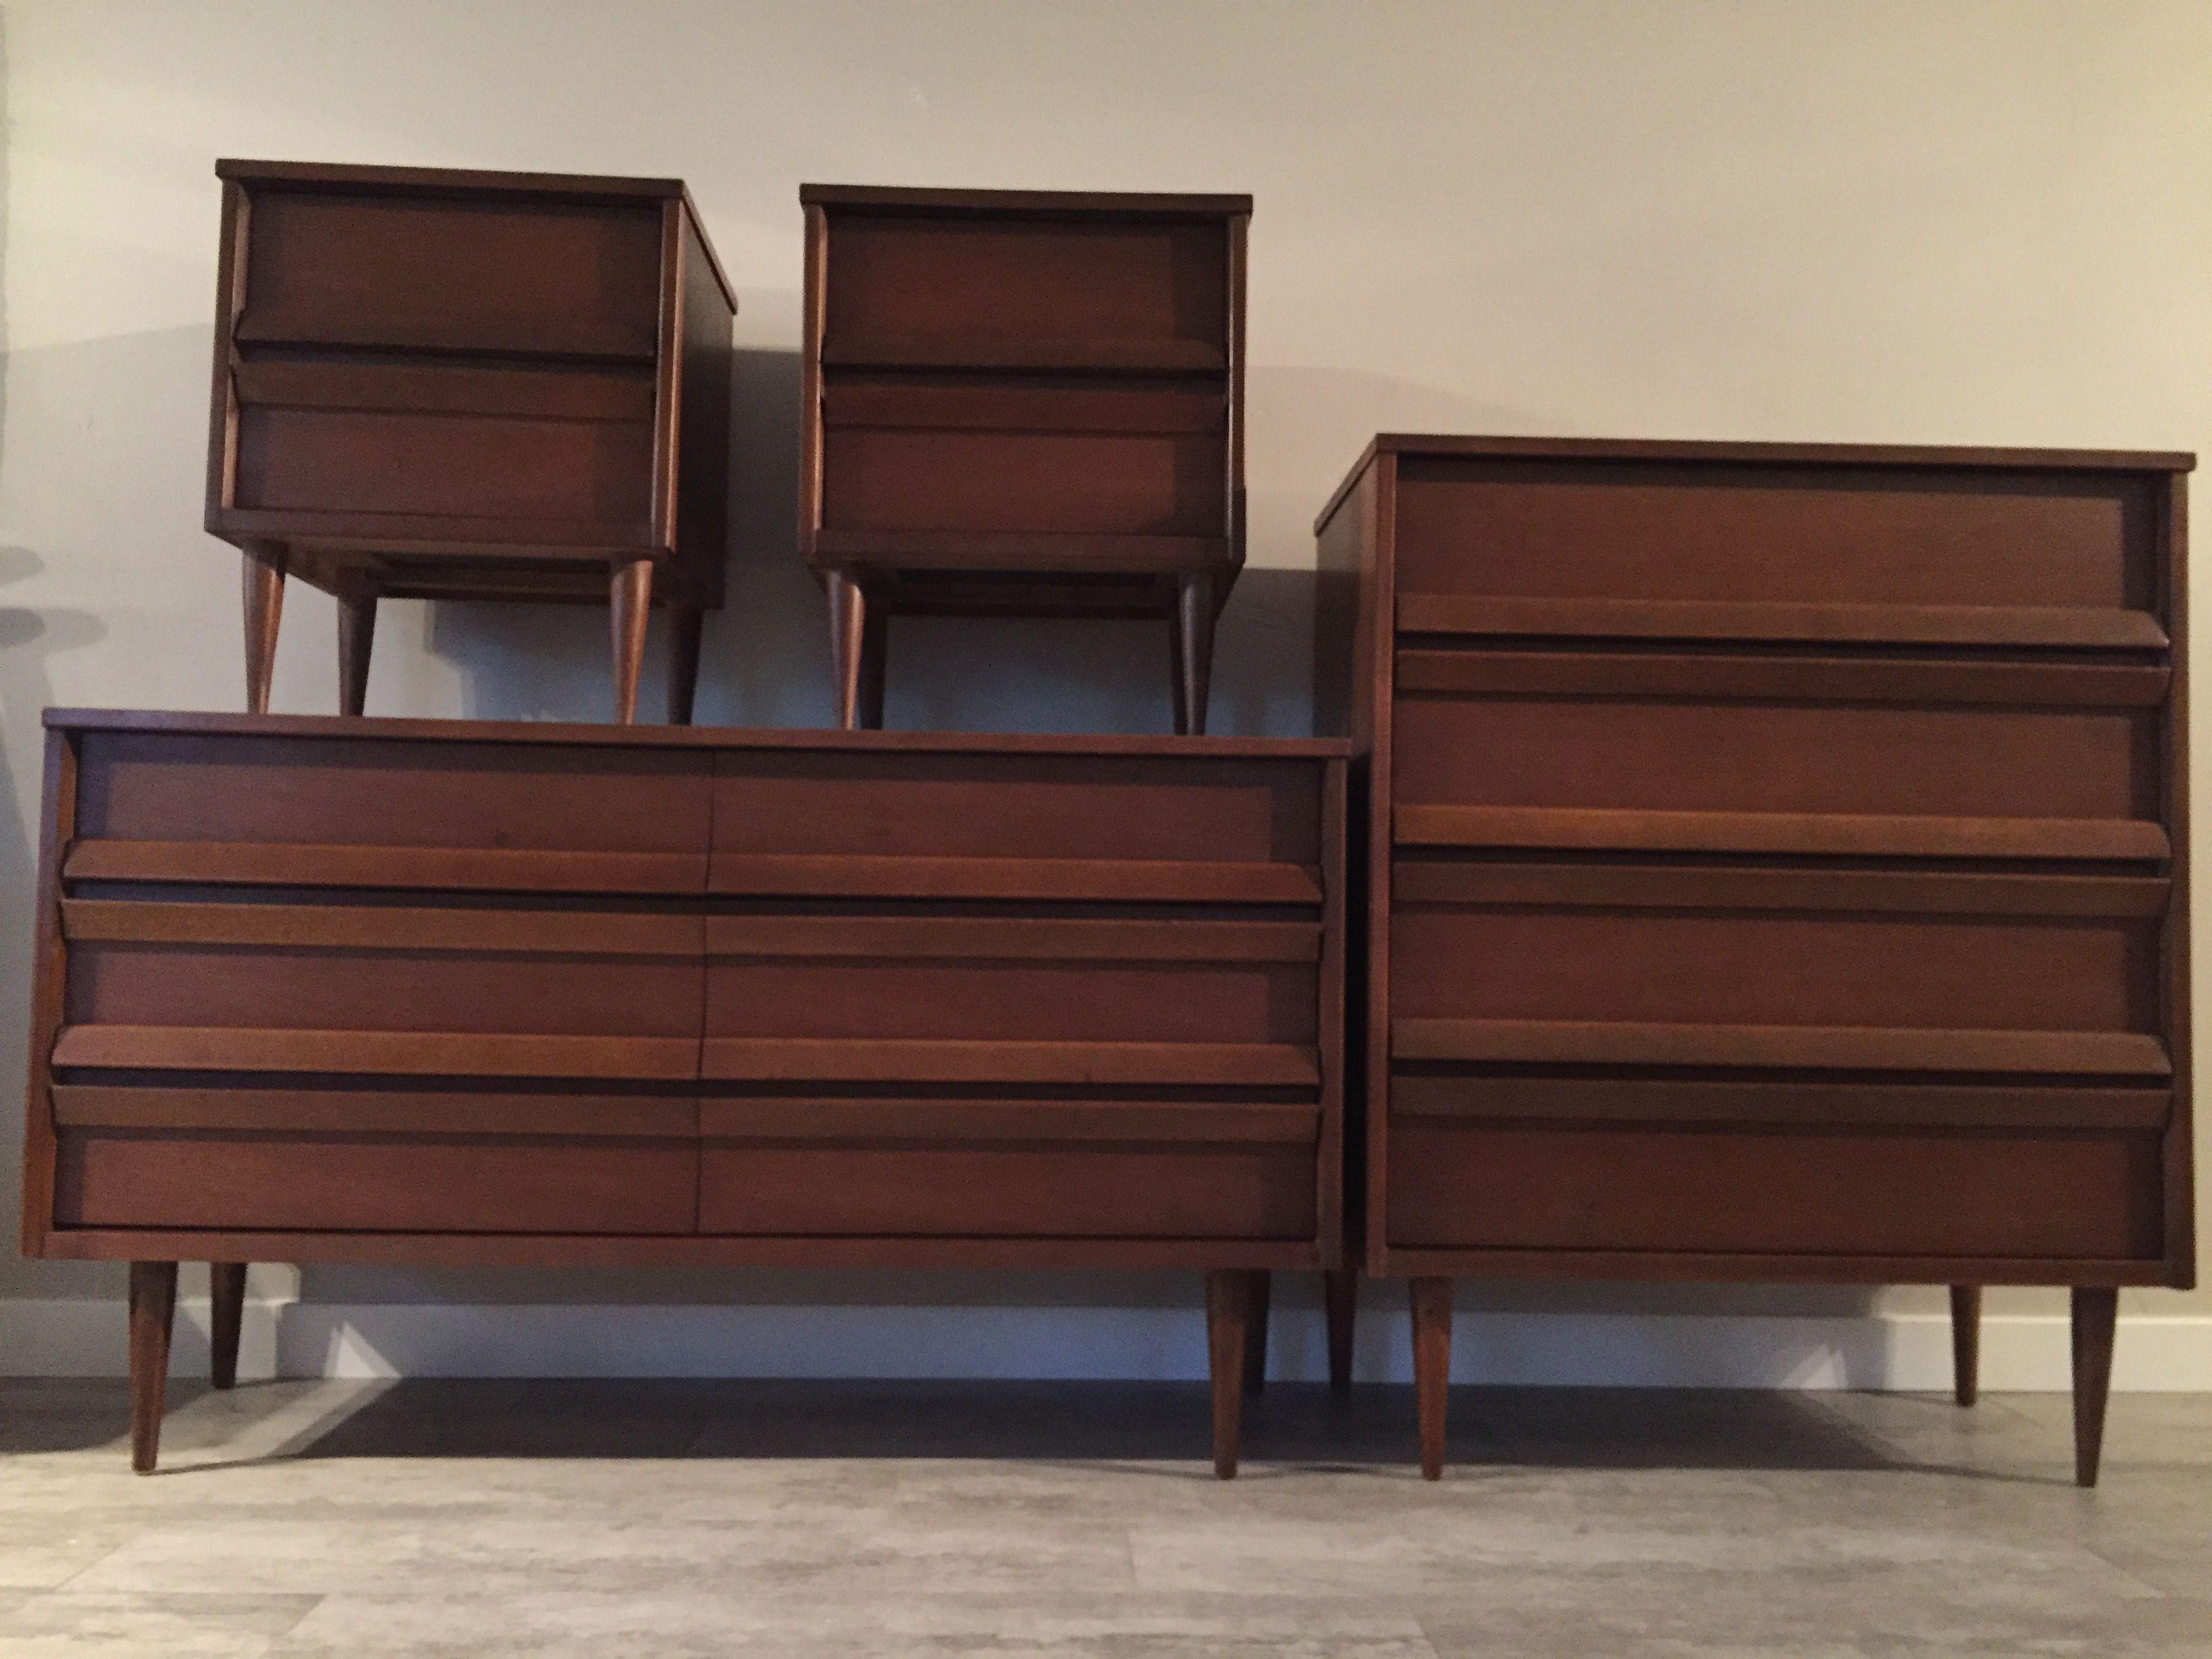 Bassett Bedroom Set Bedroom set, Furniture more, Furniture